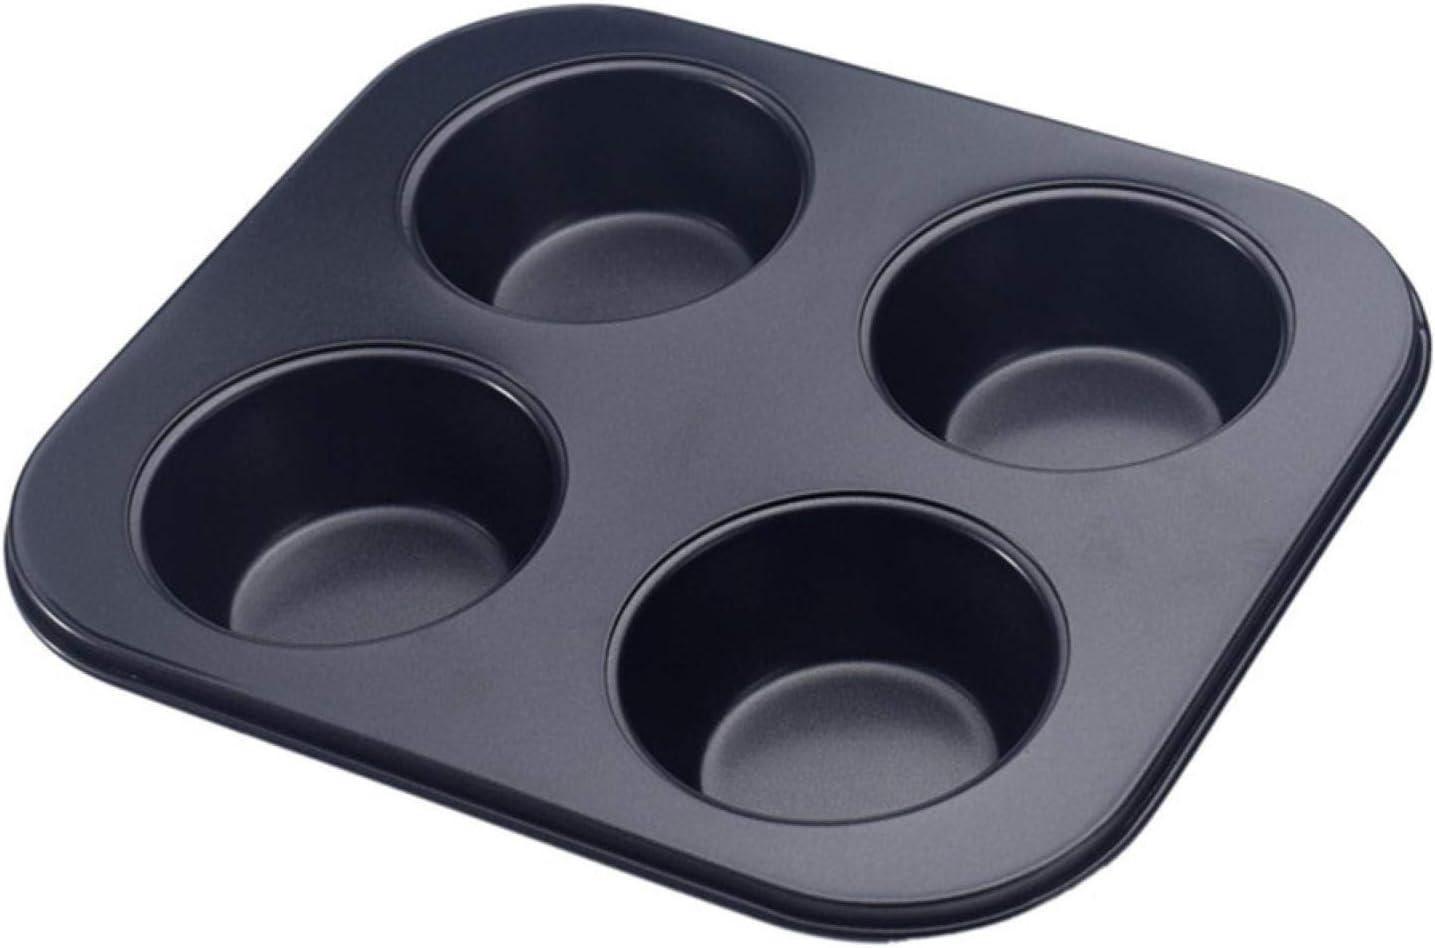 4-Hole Muffin Pan, Bakeware Non-stick Cupcake Baking Pan Mini Pi